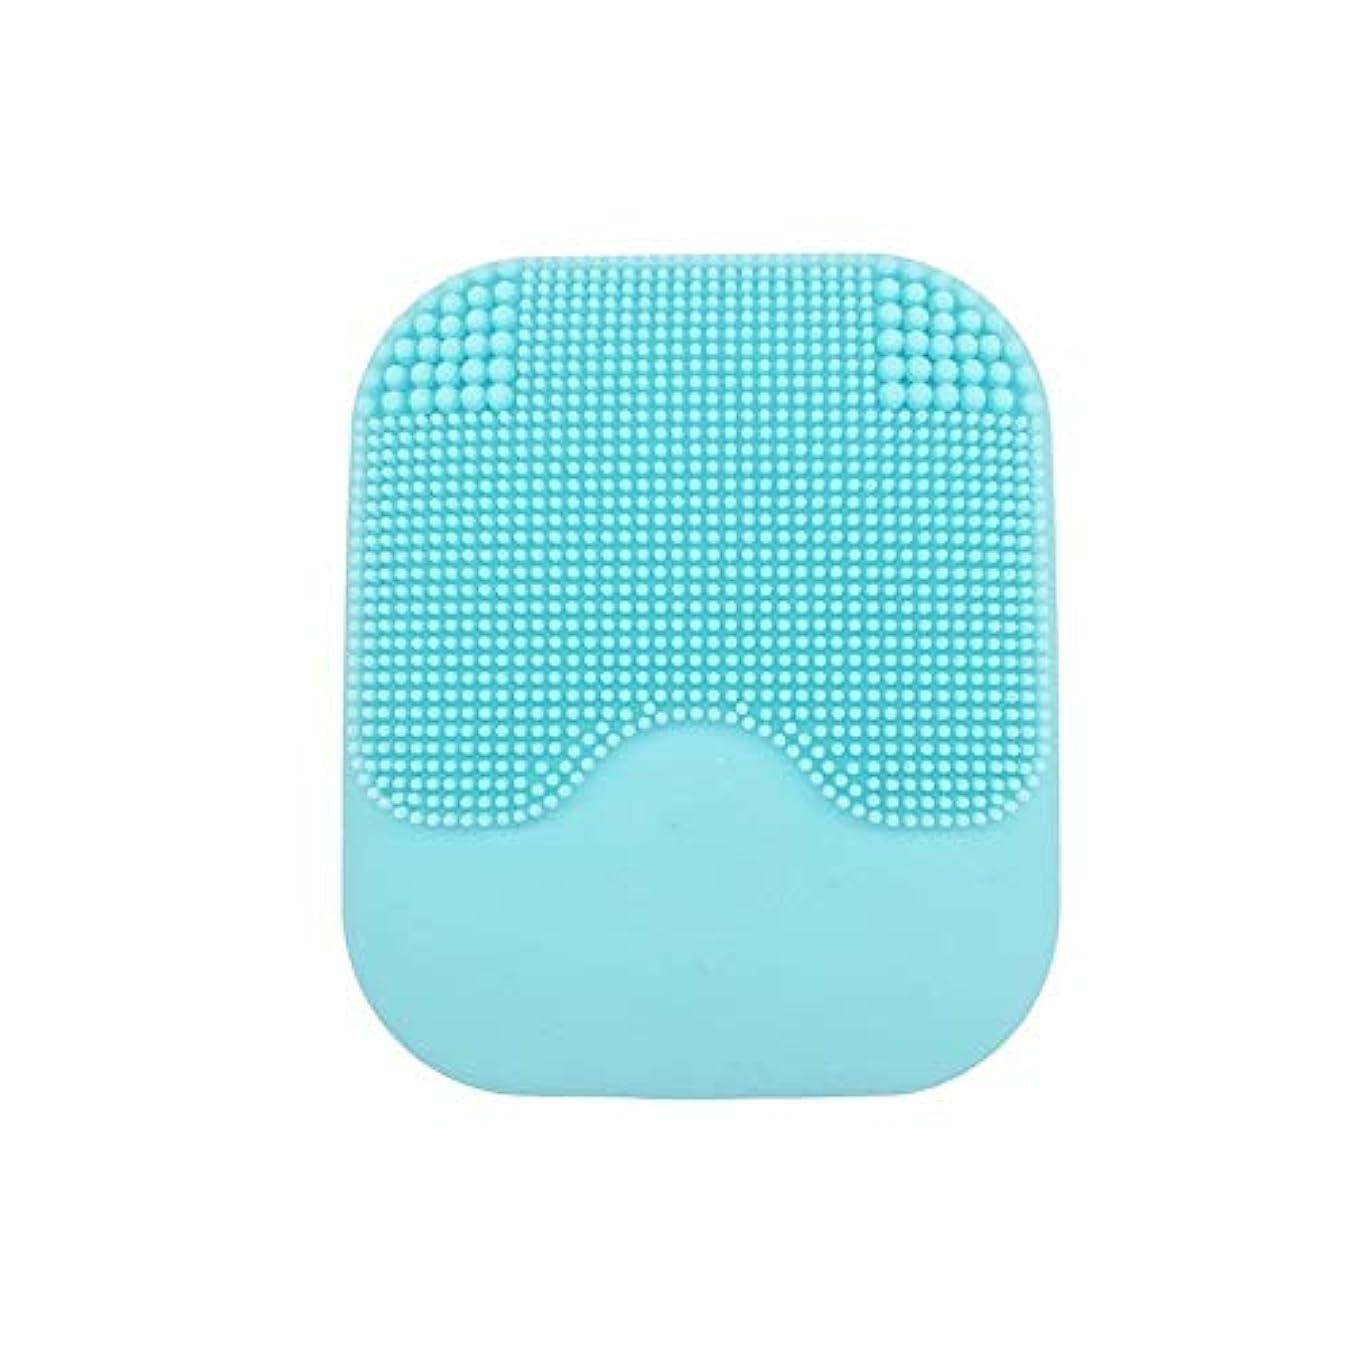 ノベルティ成人期モットーシリコン洗顔ブラシ、スリースピード調節可能な防水充電式ひげエレクトリック顔ブラシ顔面にきびスクラバーアンチエイジングスキンケア (Color : 青)